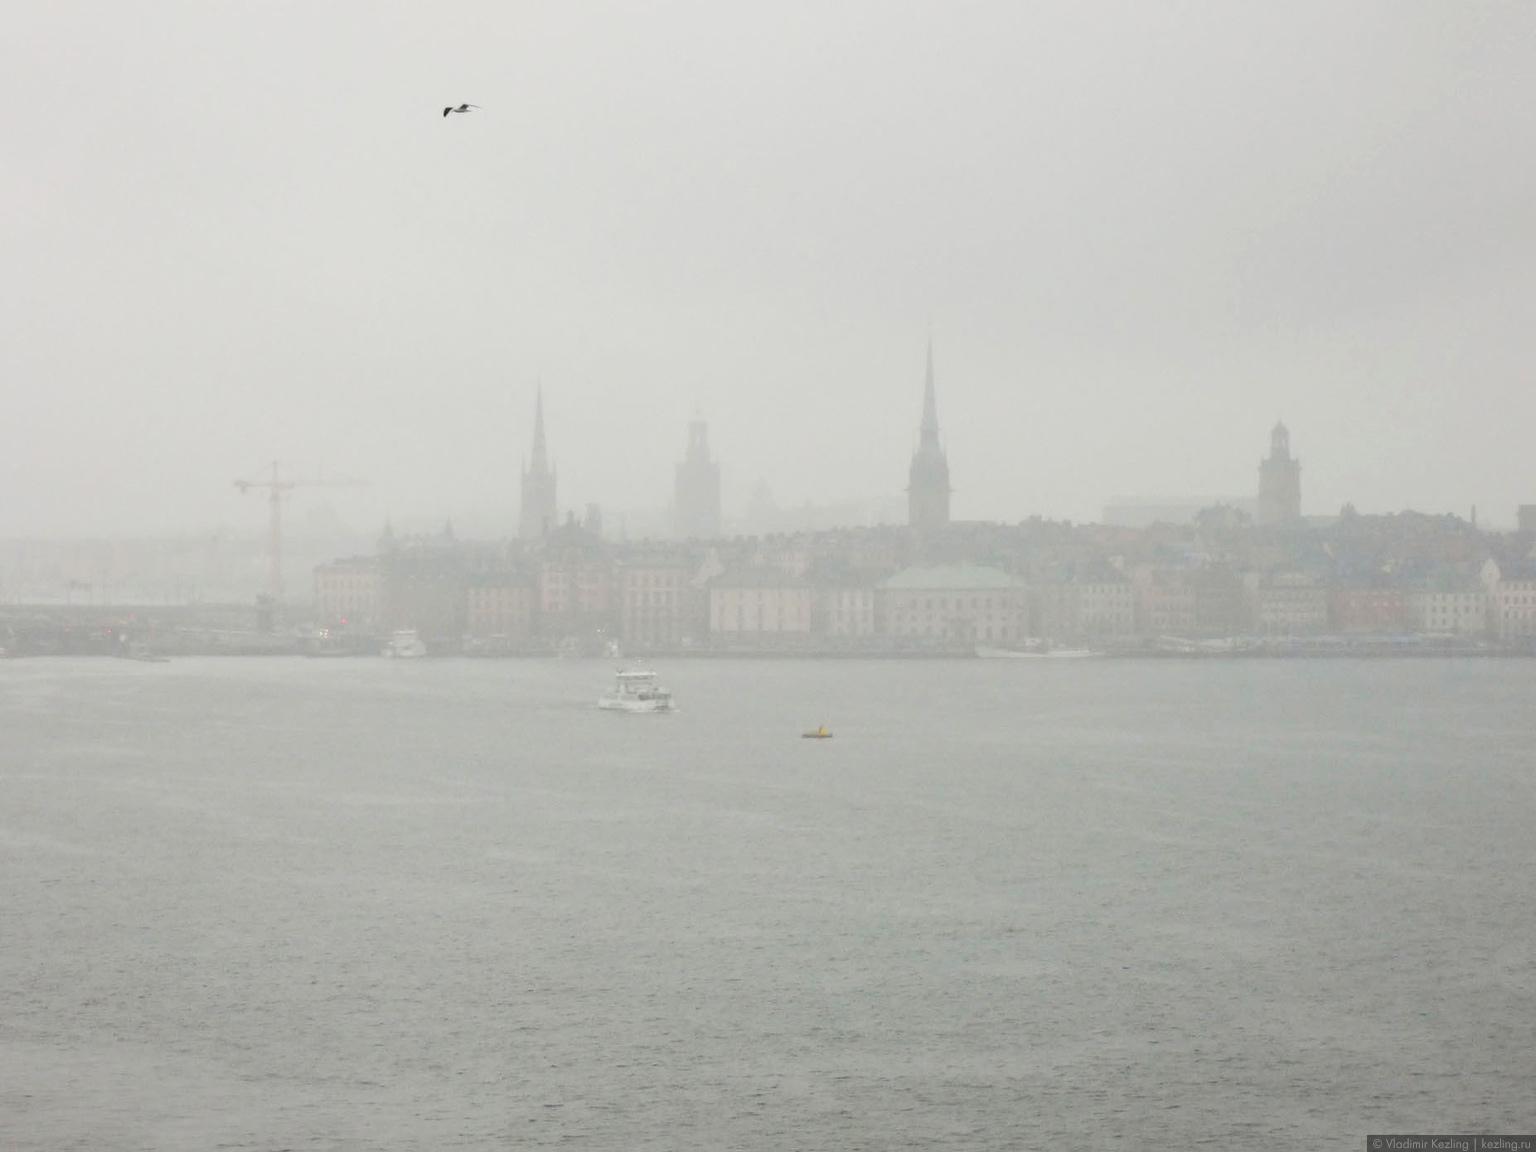 Трансбалтийский вояж. Стокгольм. Взгляд с воды